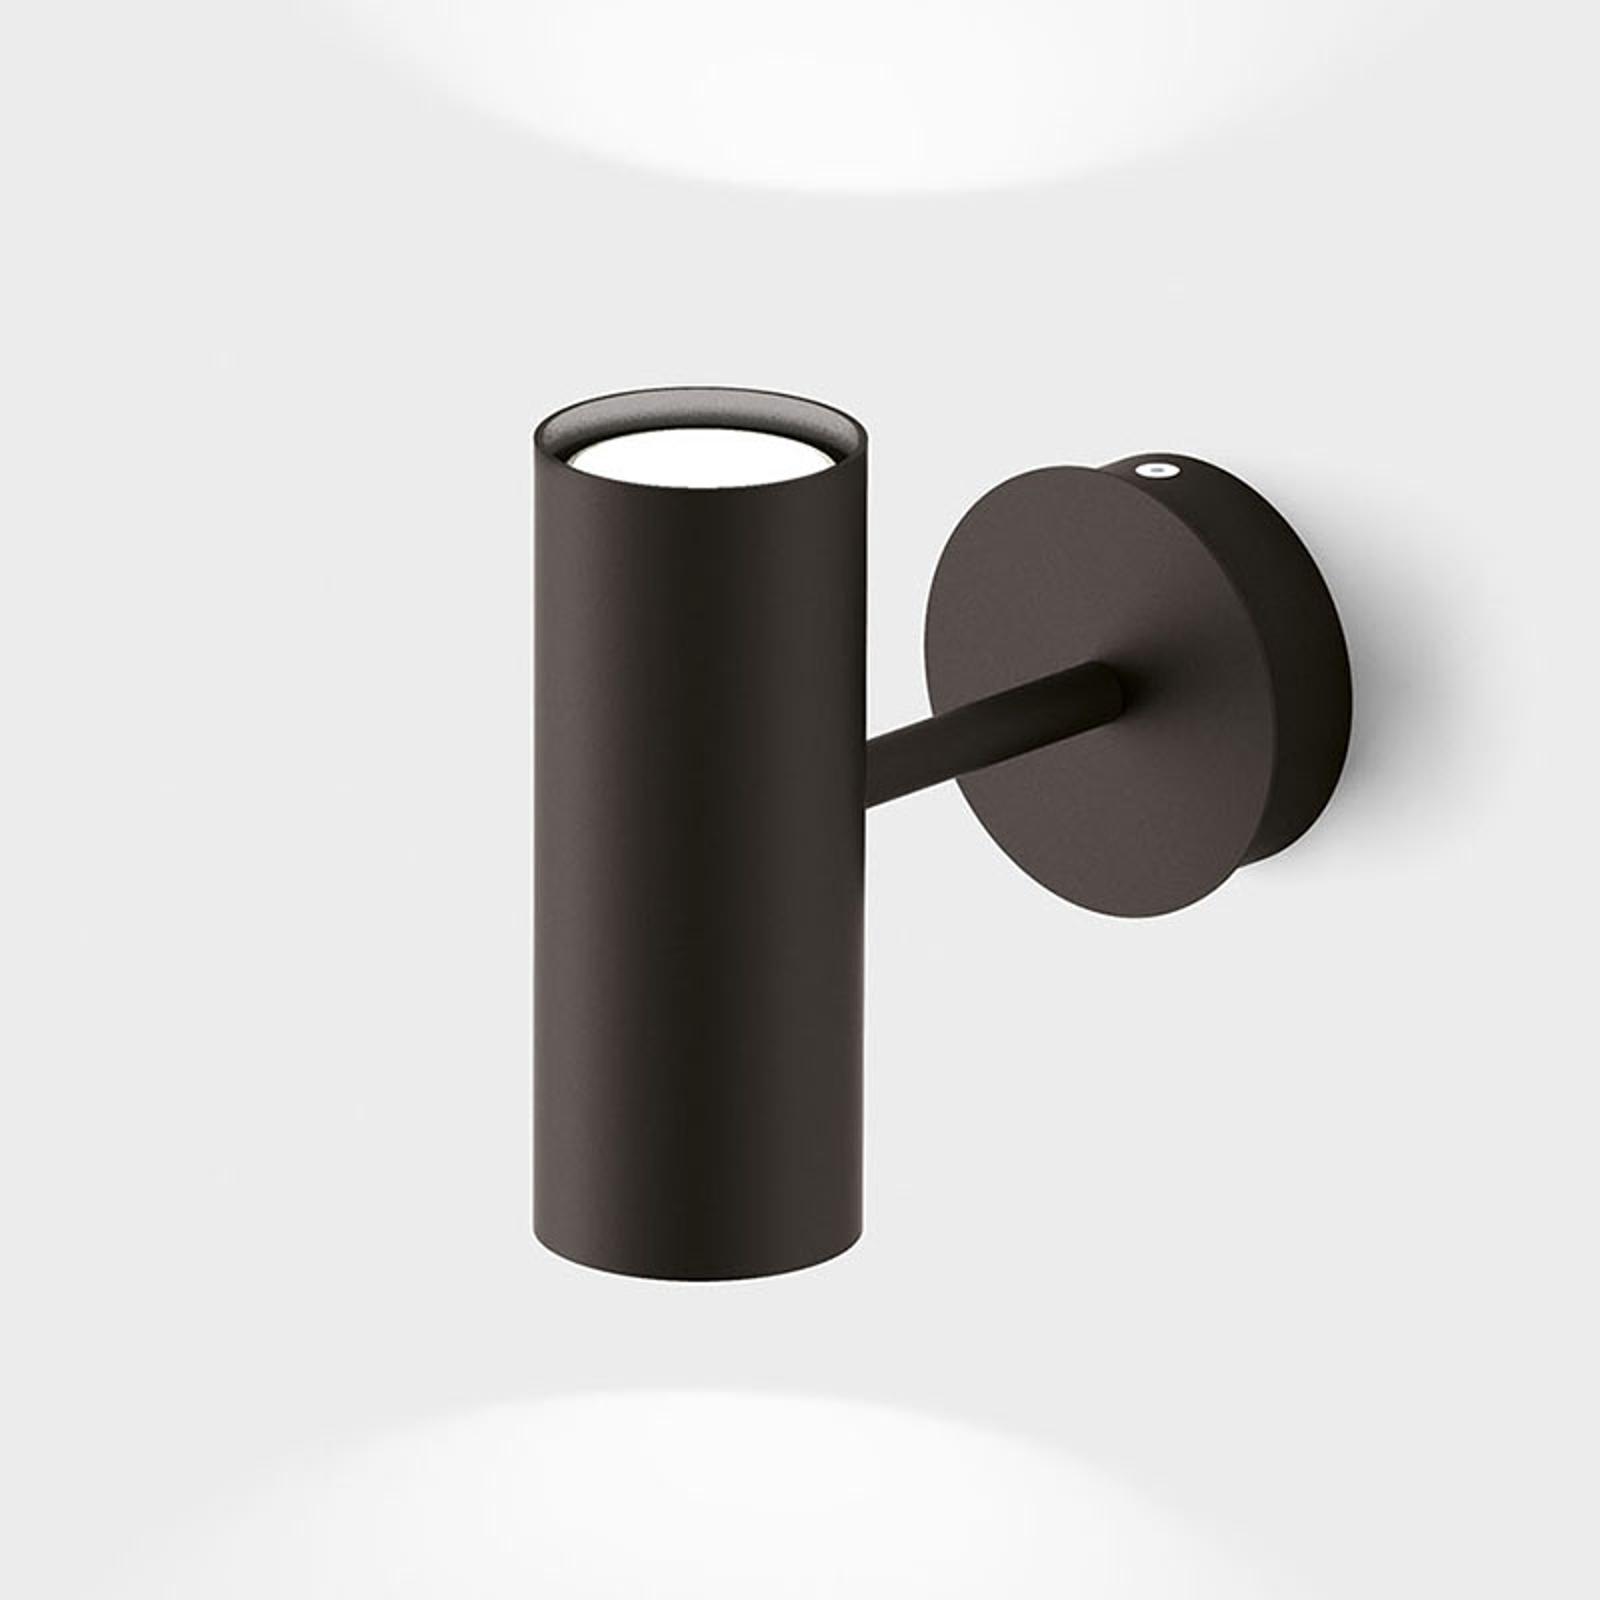 Modo Luce Chandelier applique 2 lampes GU10 noire